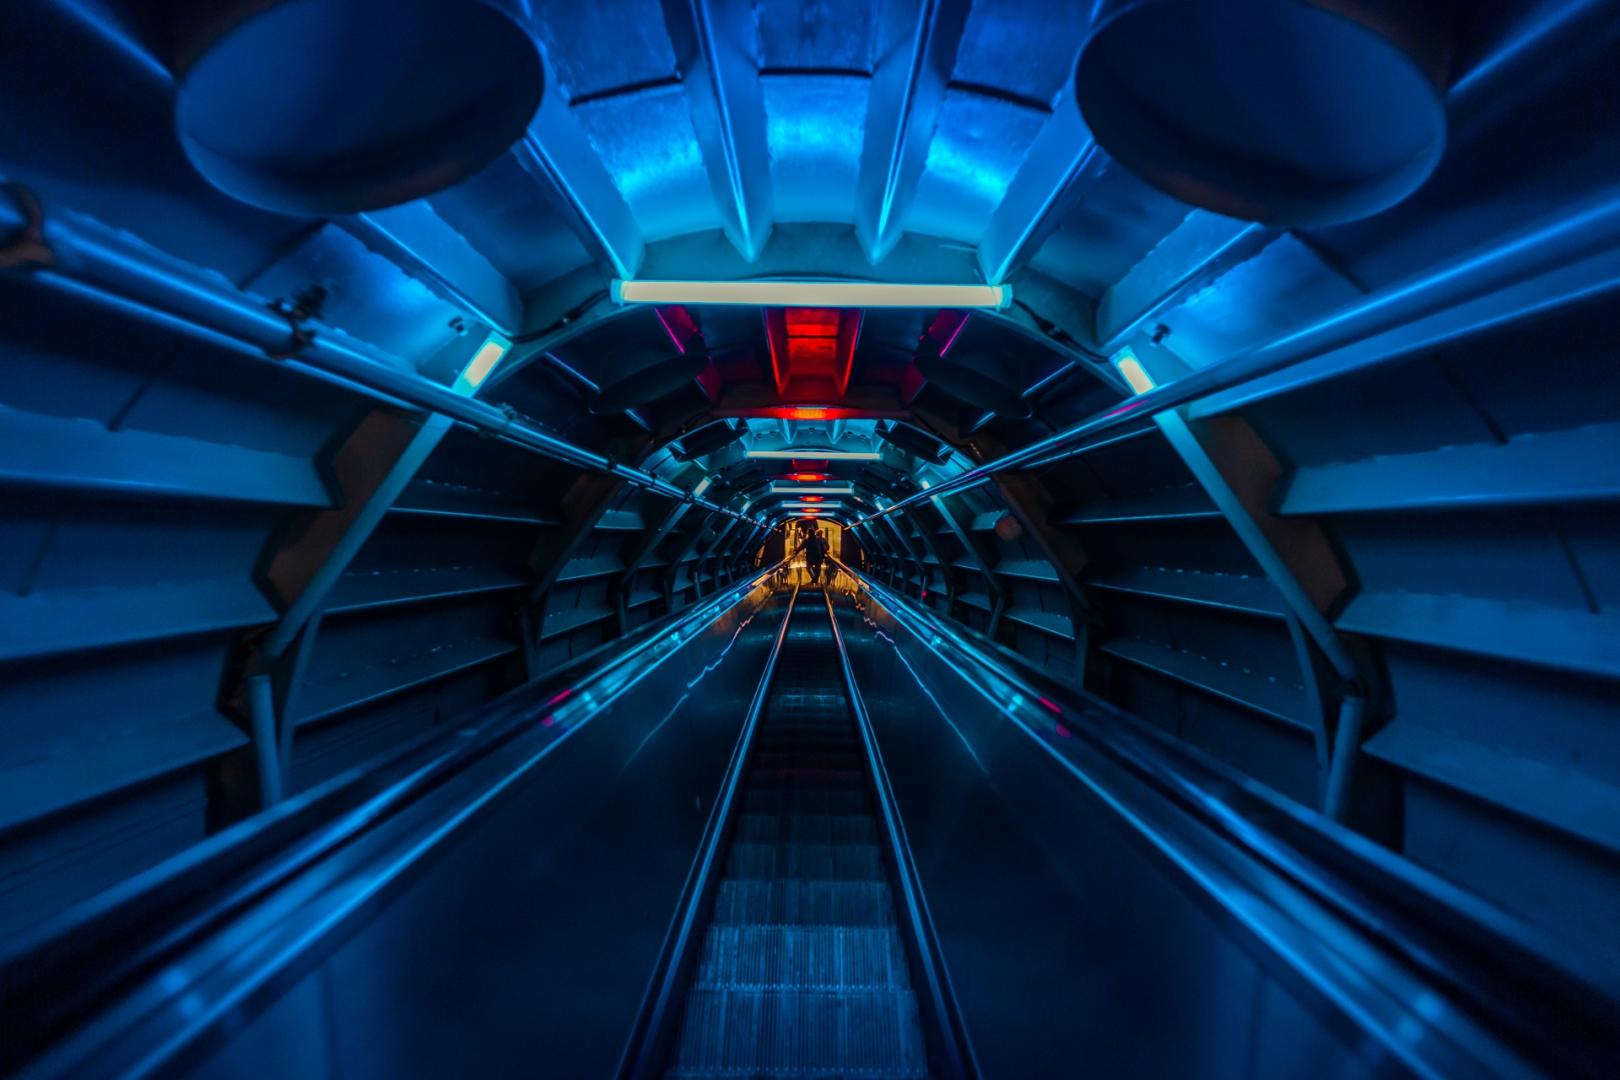 Arquitetura/blue